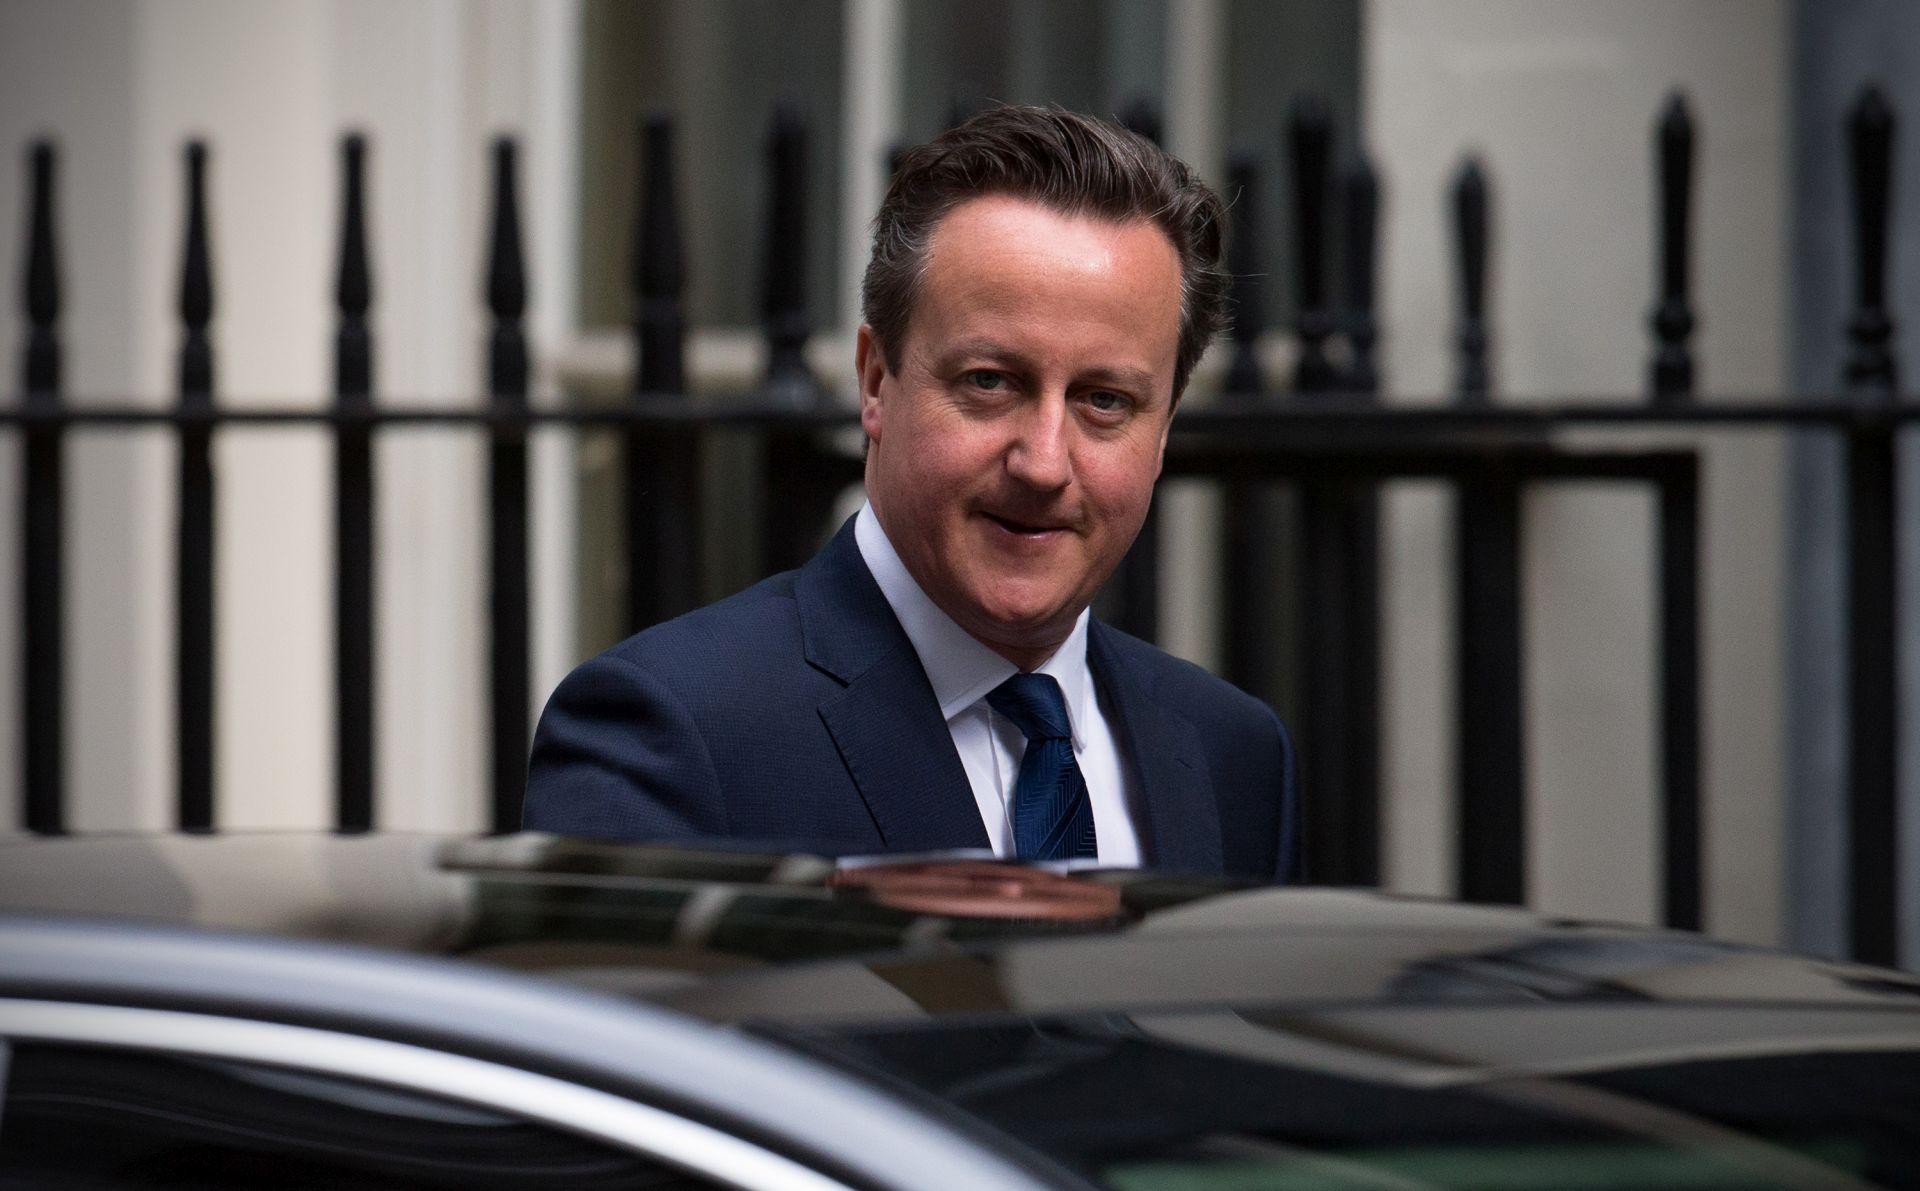 PREUZIMANJE ODGOVORNOSTI: Cameron i Corbyn o istrazi o invaziji na Irak